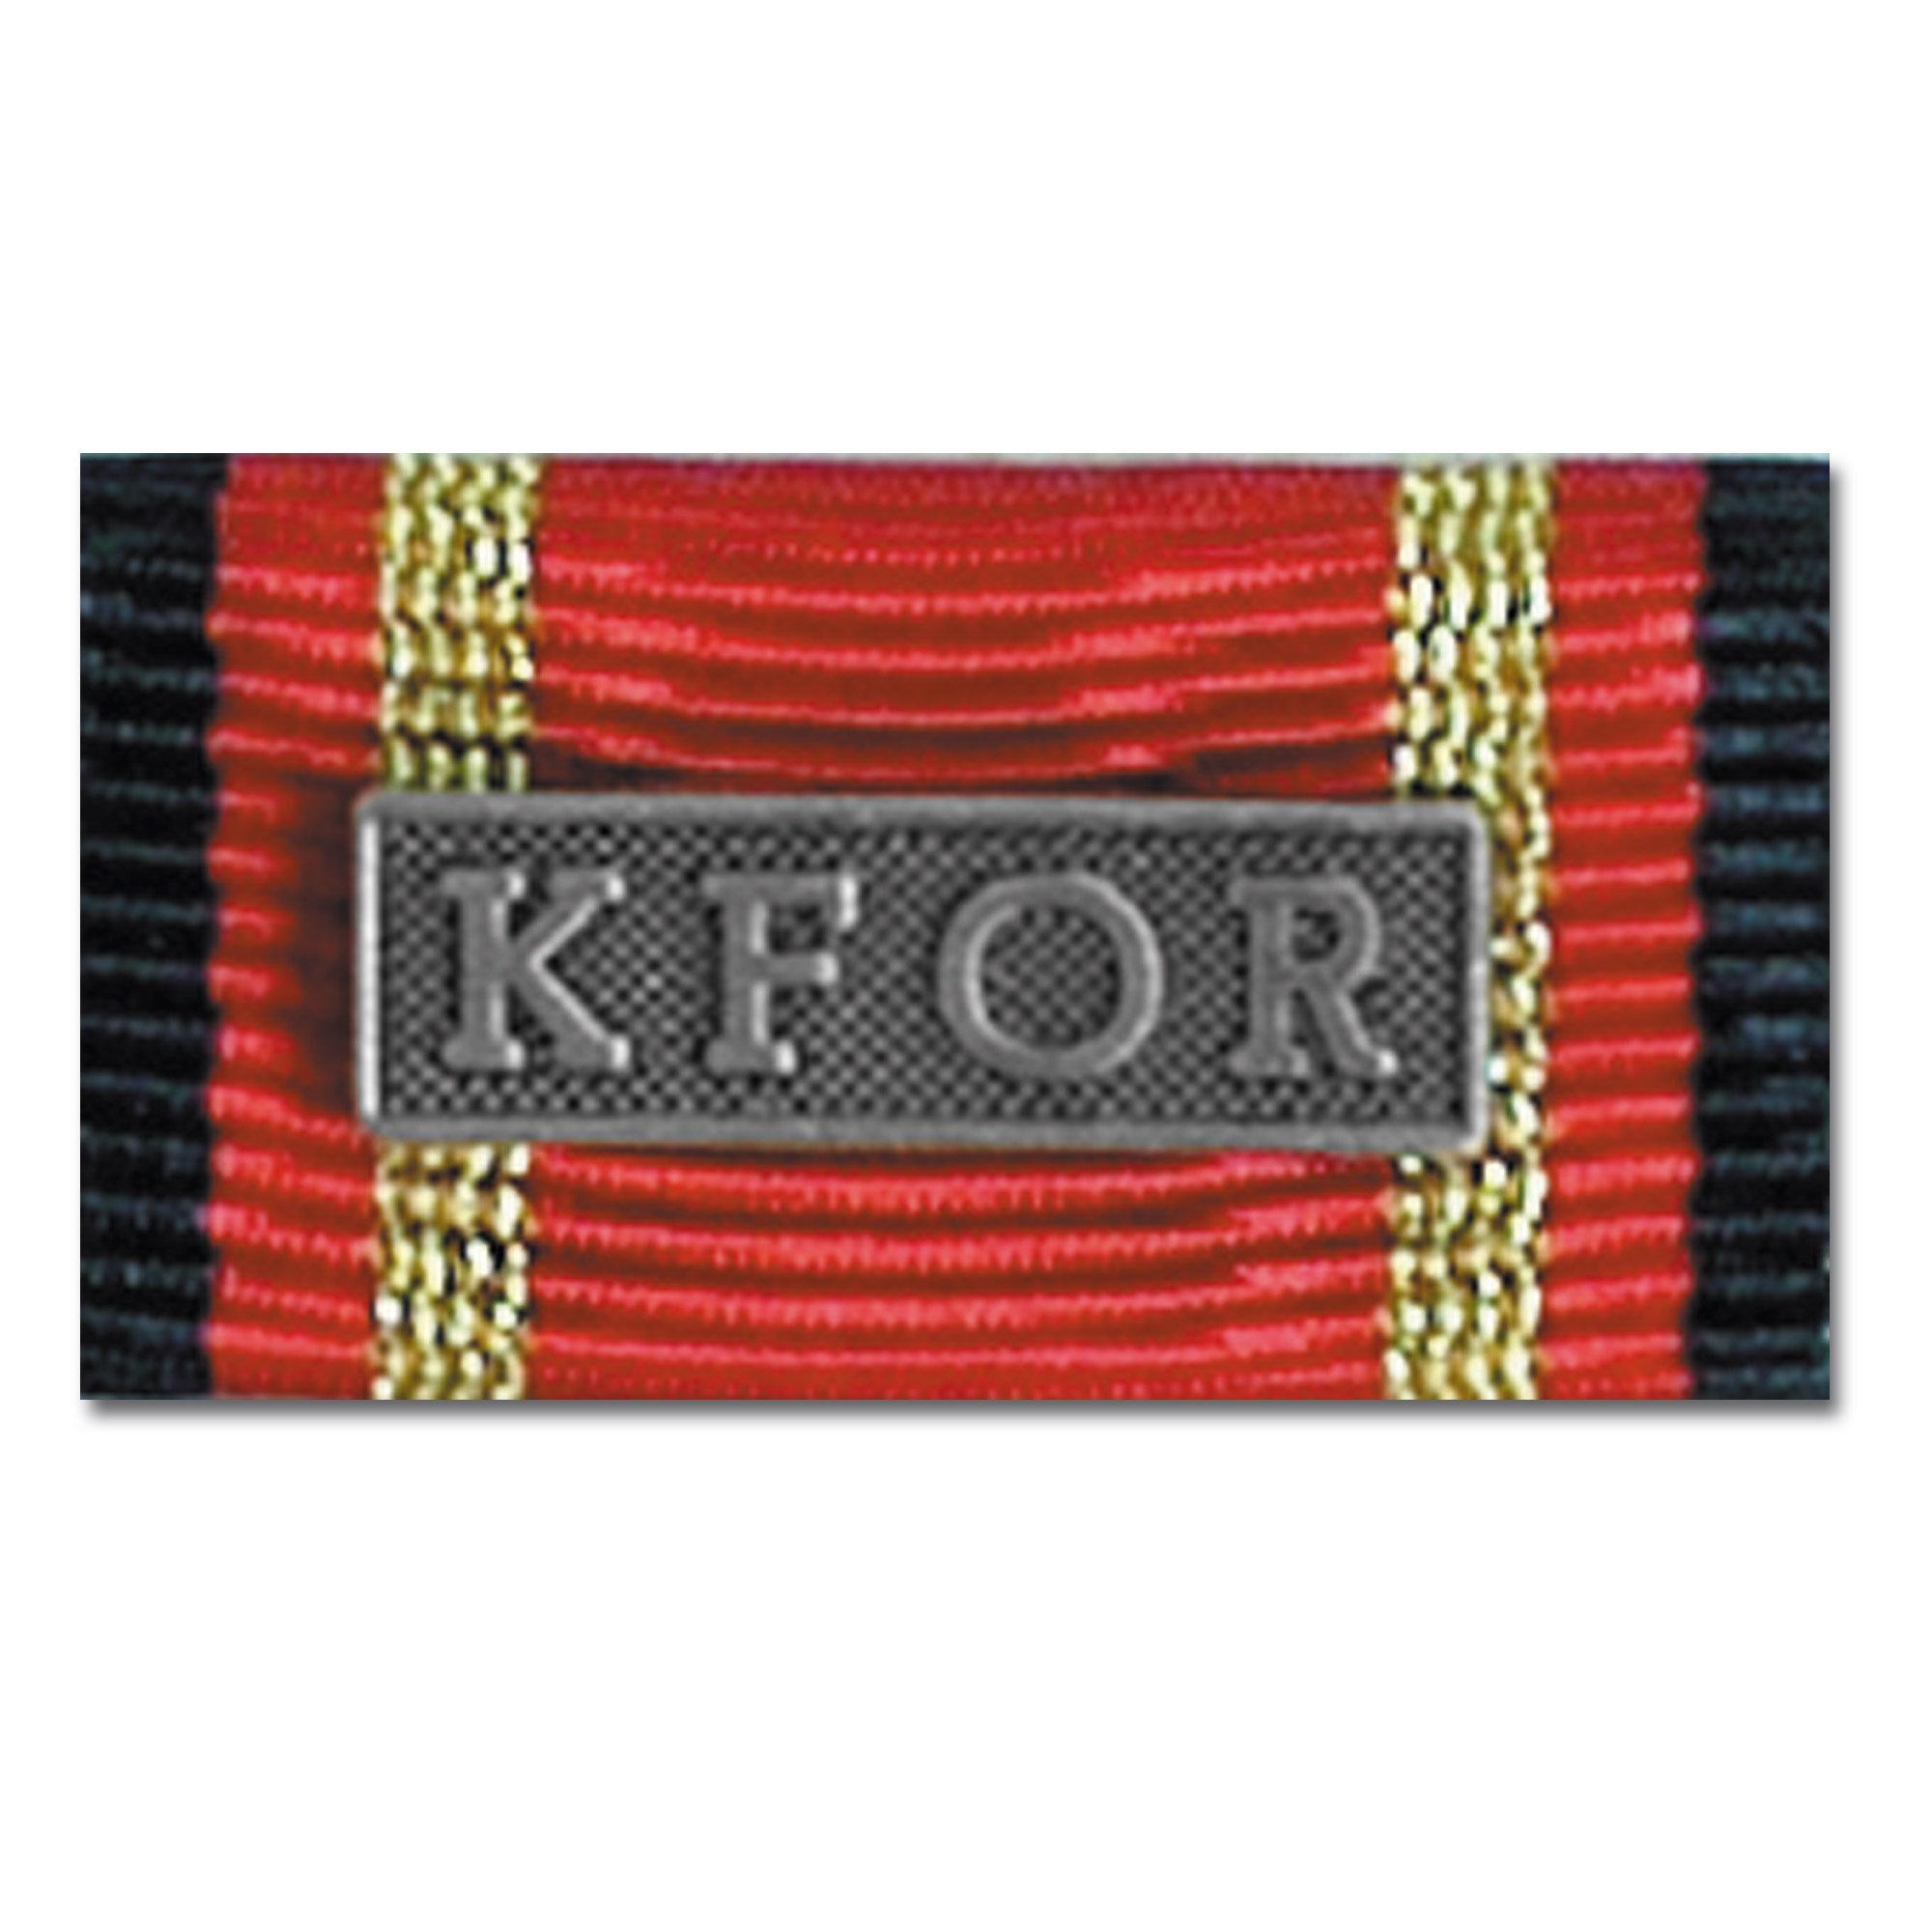 Nastrino di servizio estero KFOR argento